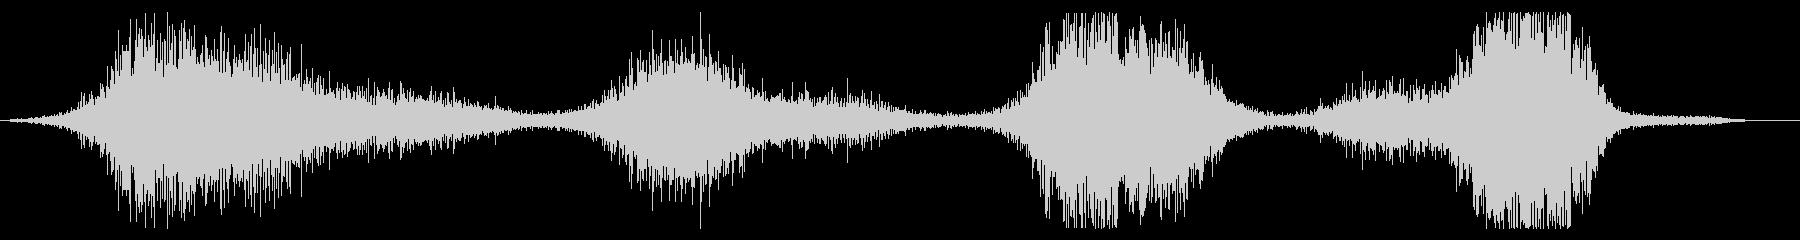 長いうなり音または回転するヒューという音の未再生の波形